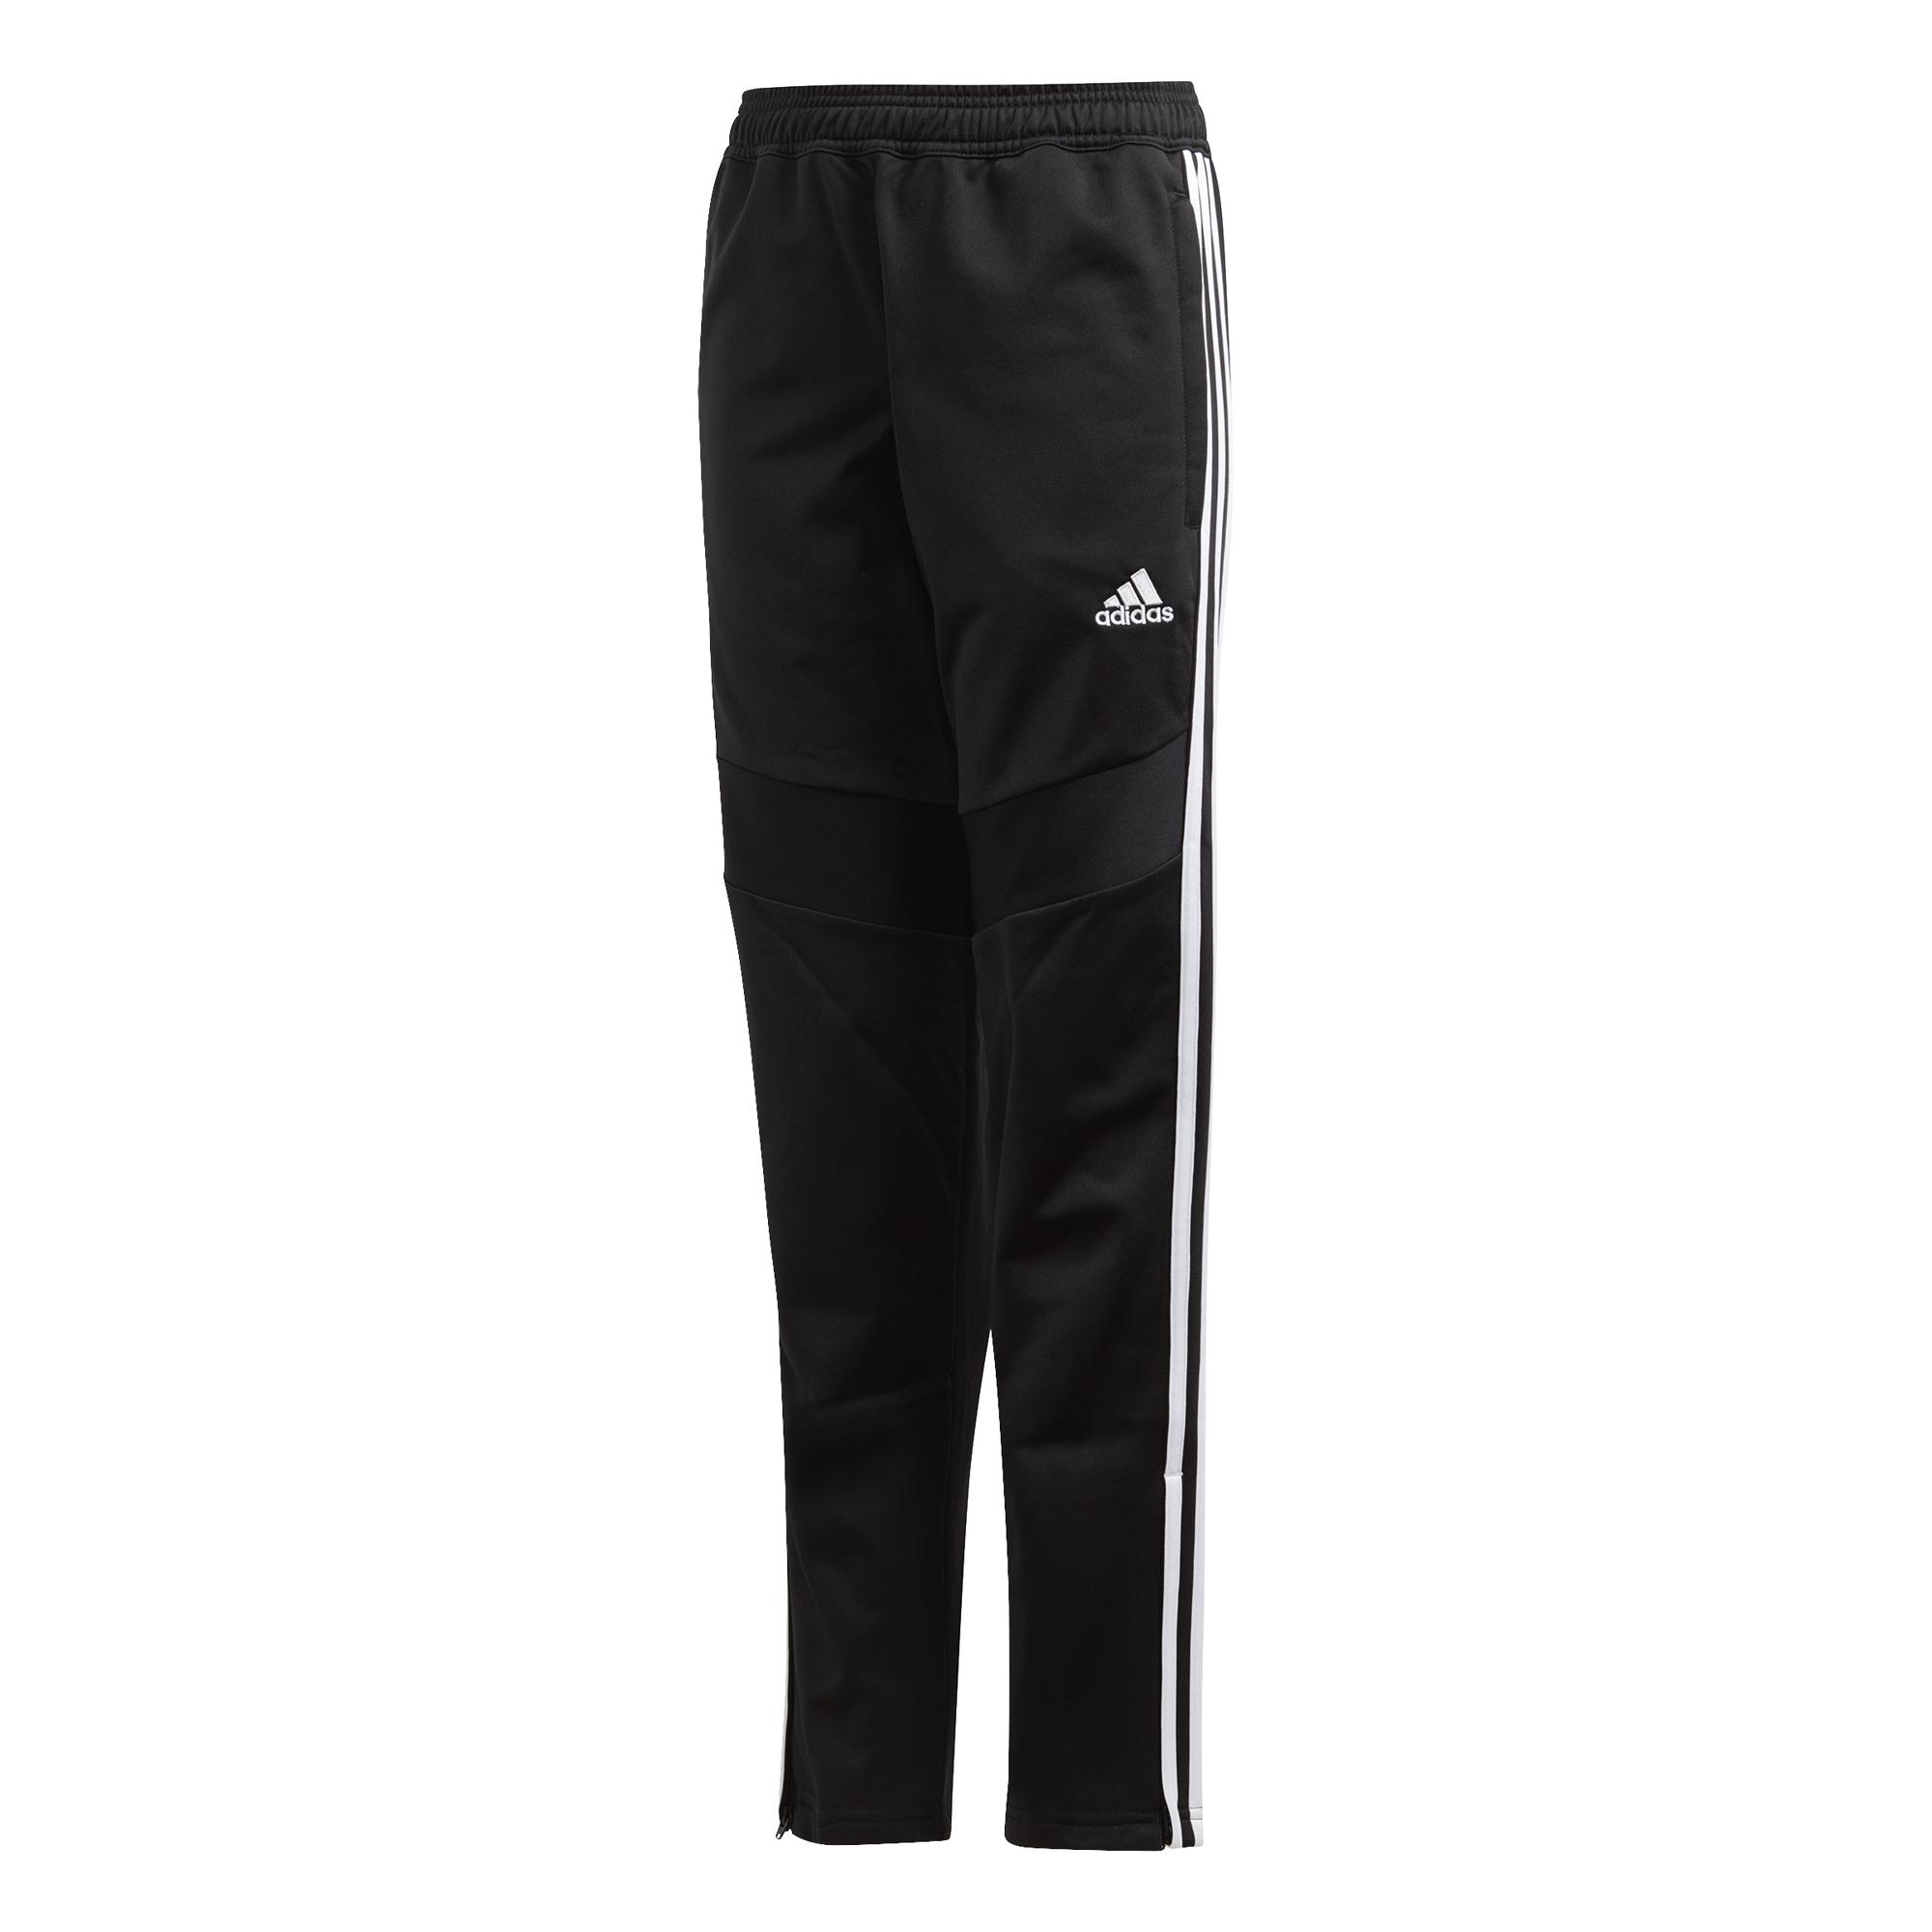 ADIDAS kalhoty Tiro 19 PES Pants dětské